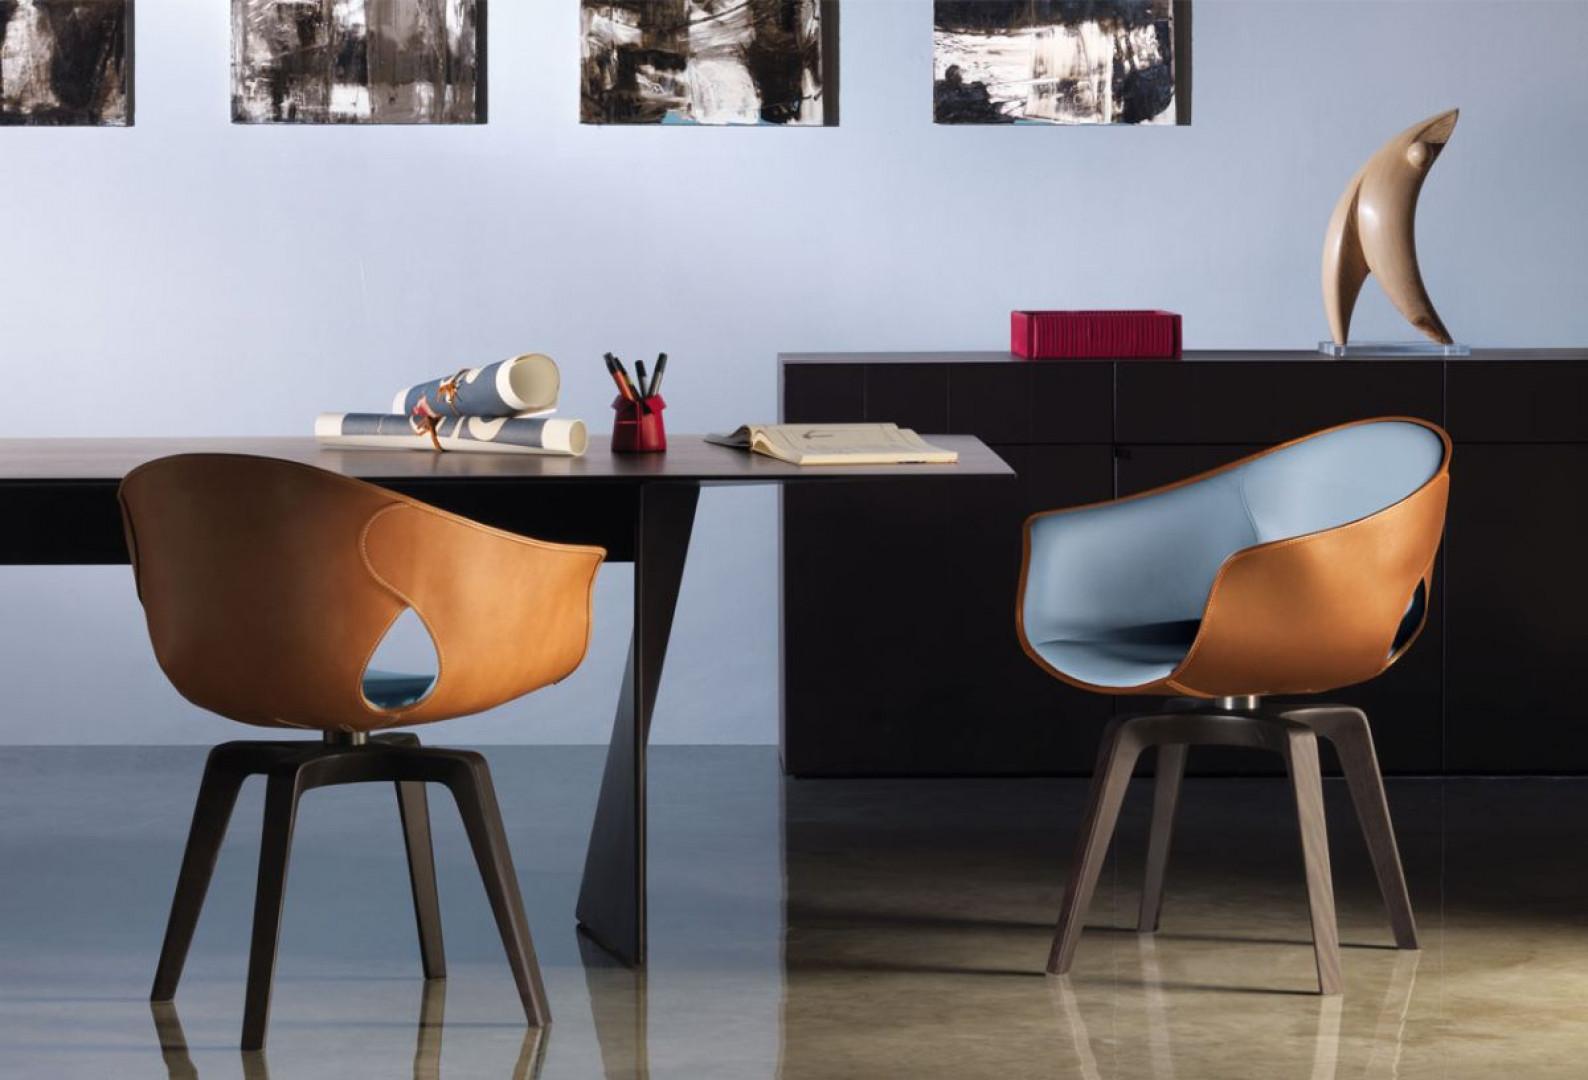 """Krzesło """"Ginger"""" firmy Poltrona Frau wyściełane jest pianką poliuretanową i pokryte naturalną skórą, co podnosi jego wygodę. Projekt: Roberto Lazzeroni. Fot. Poltrona Frau"""